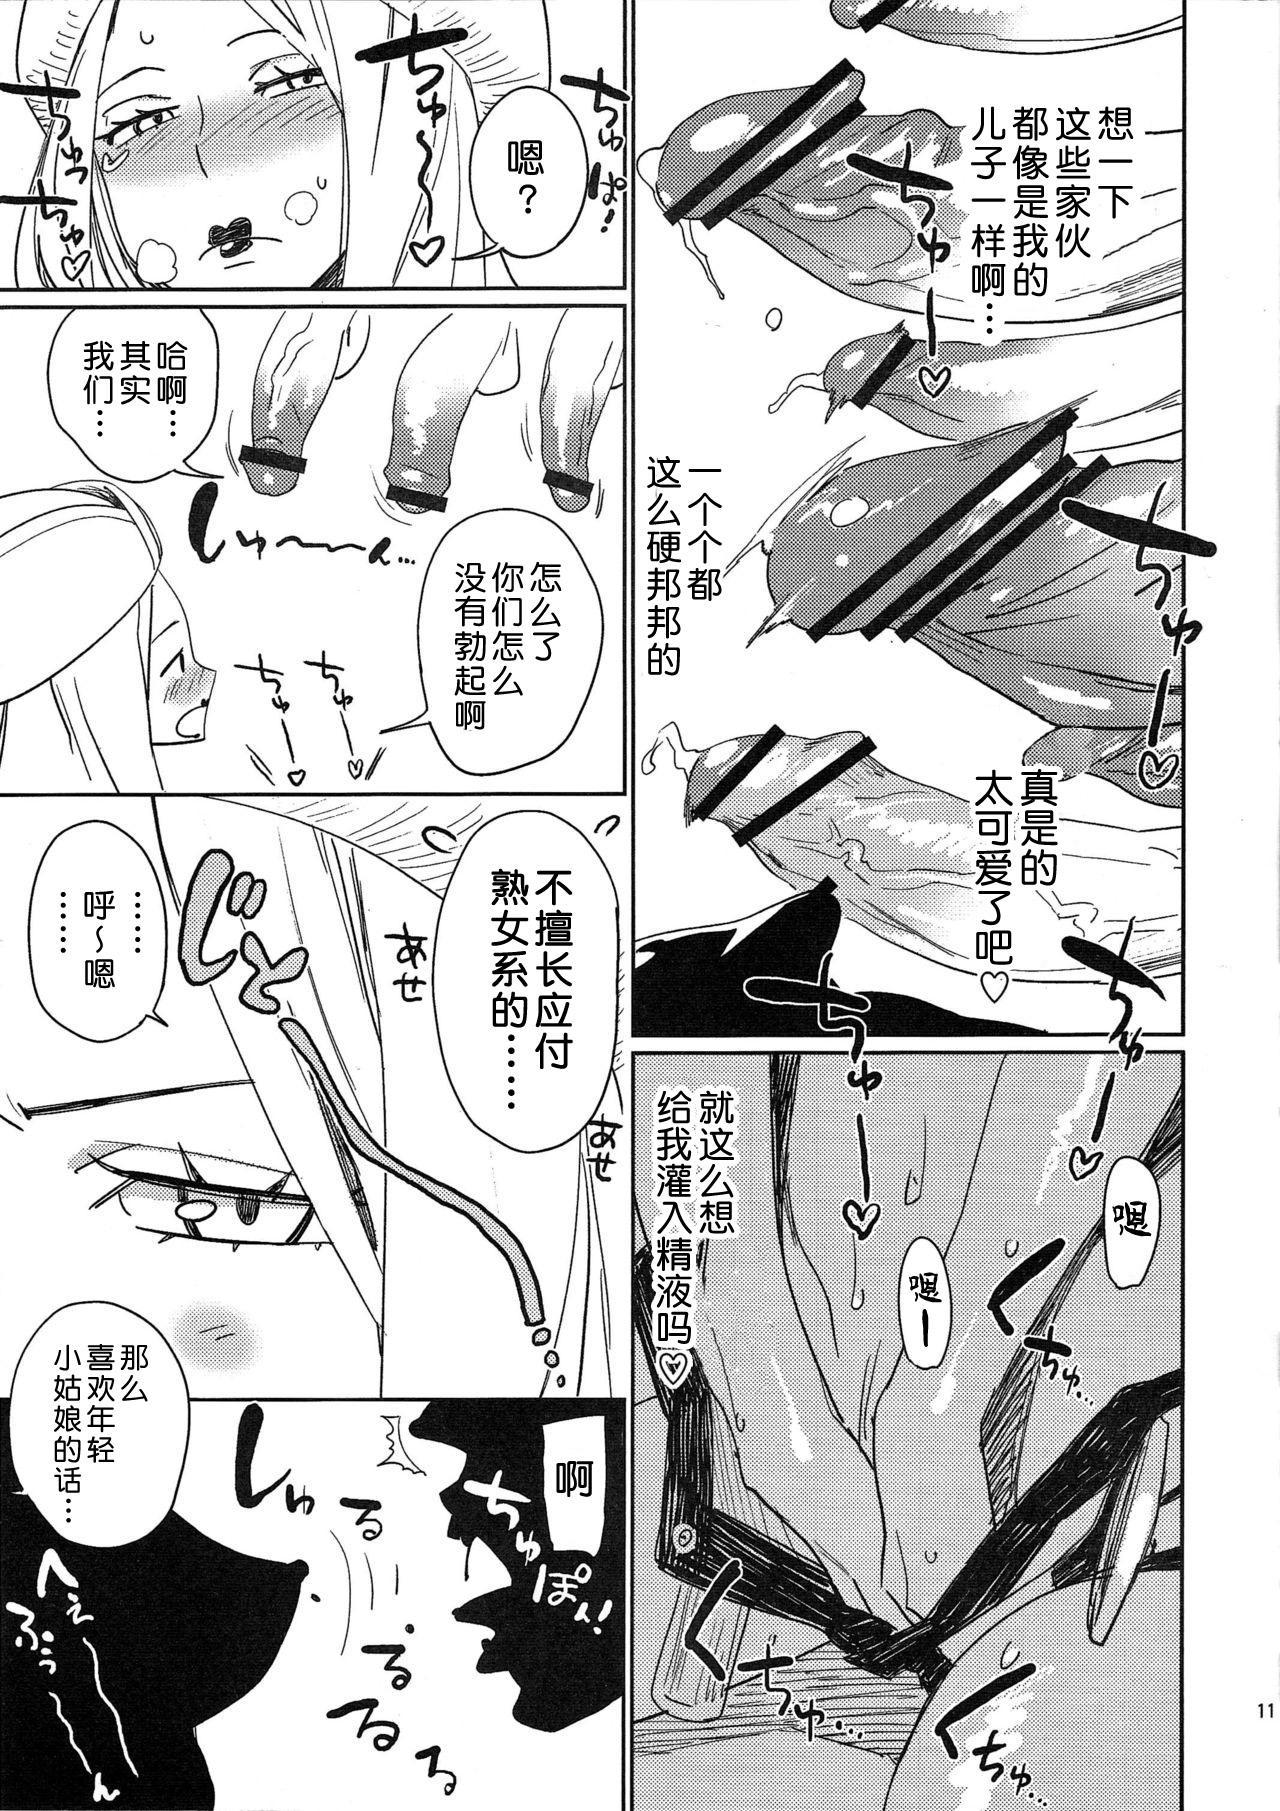 Abura Shoukami Tsukane No.05 140000000 10